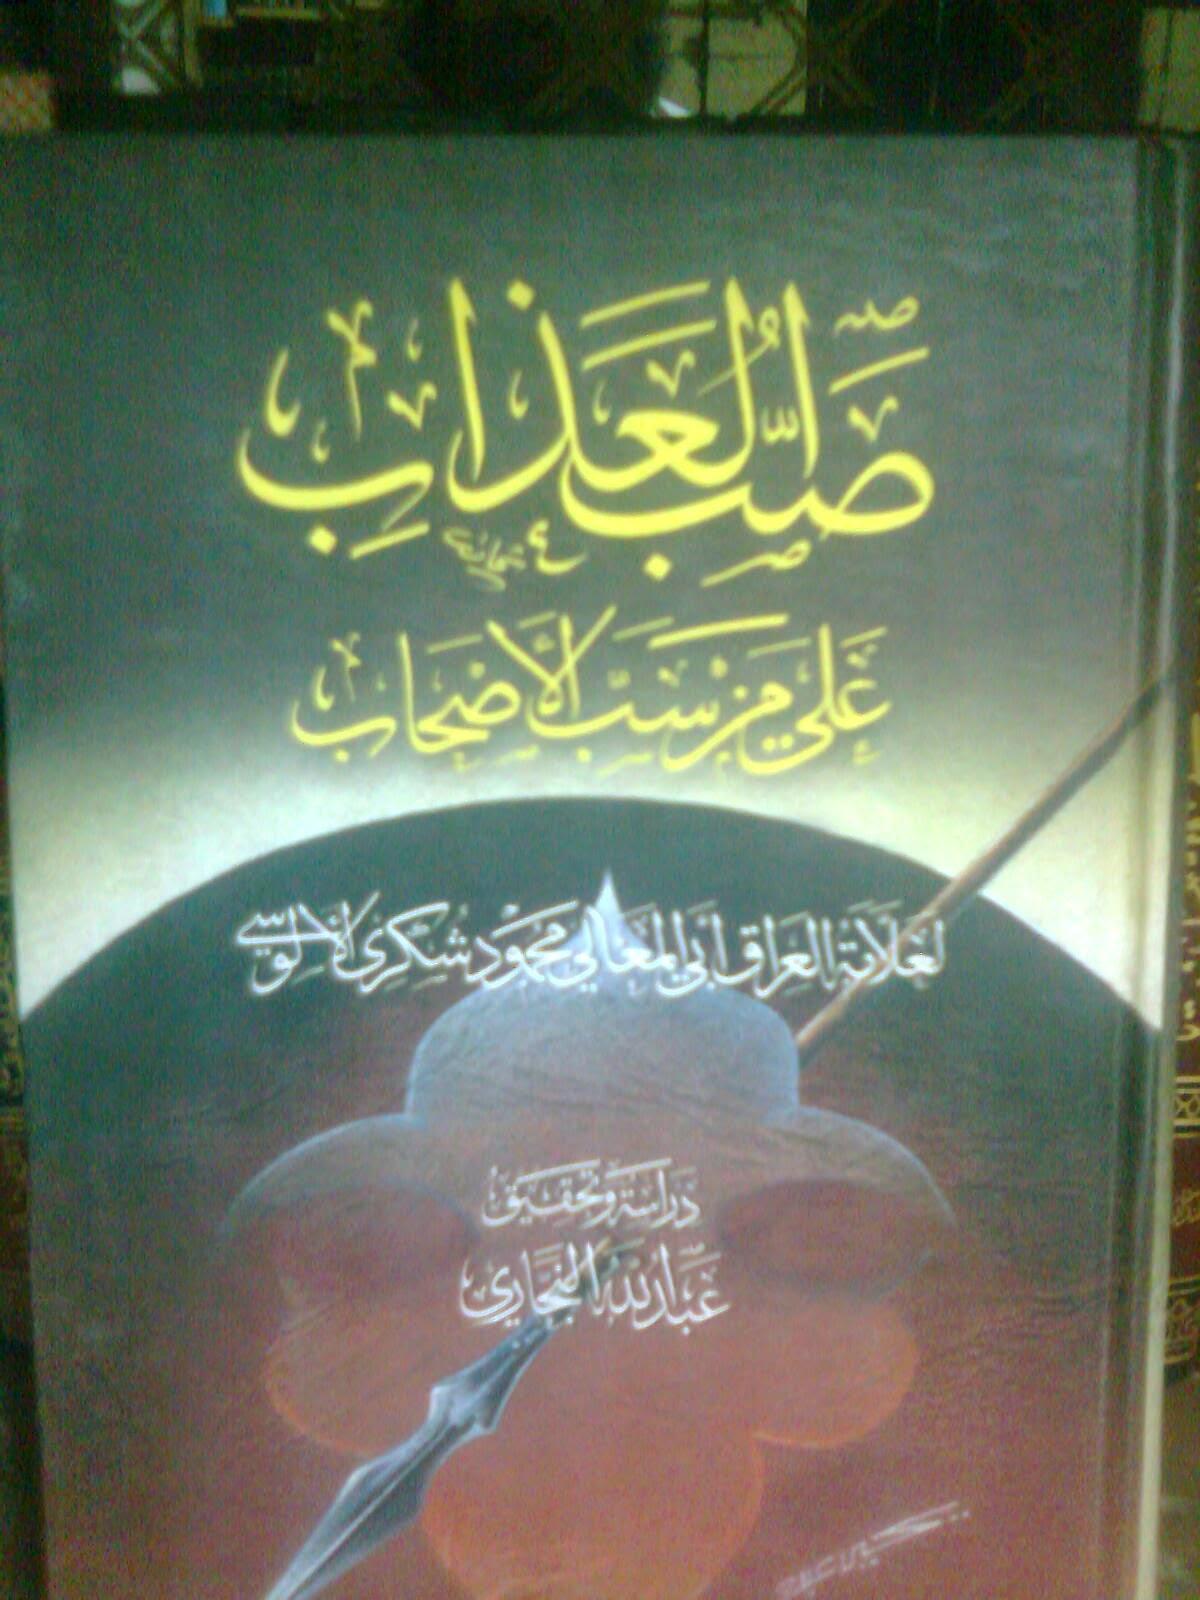 كتاب صب العذاب على من سب الأصحاب - الإمام الألوسي